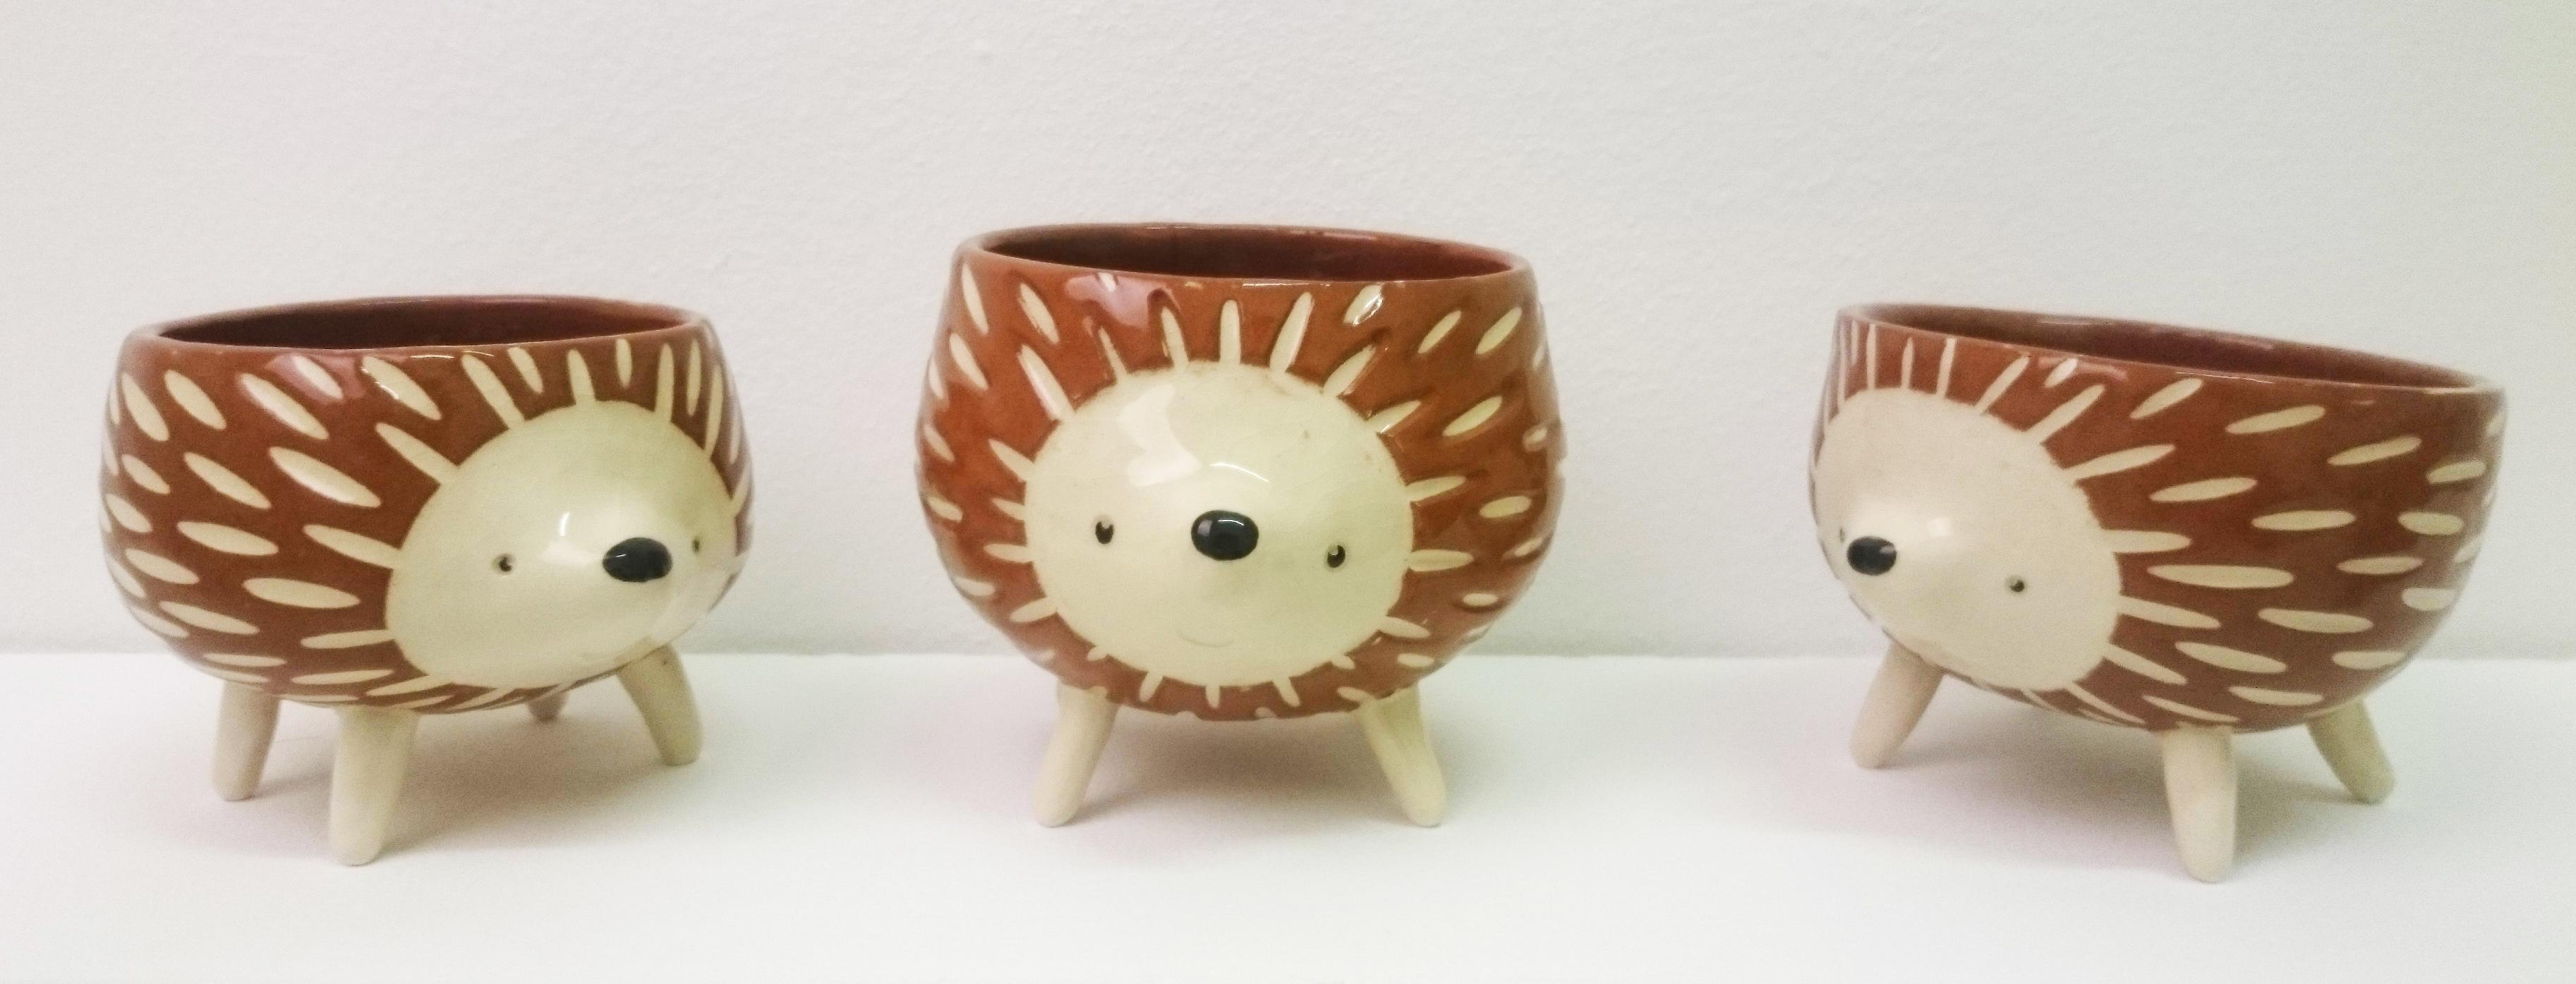 Hedgehog Bowls